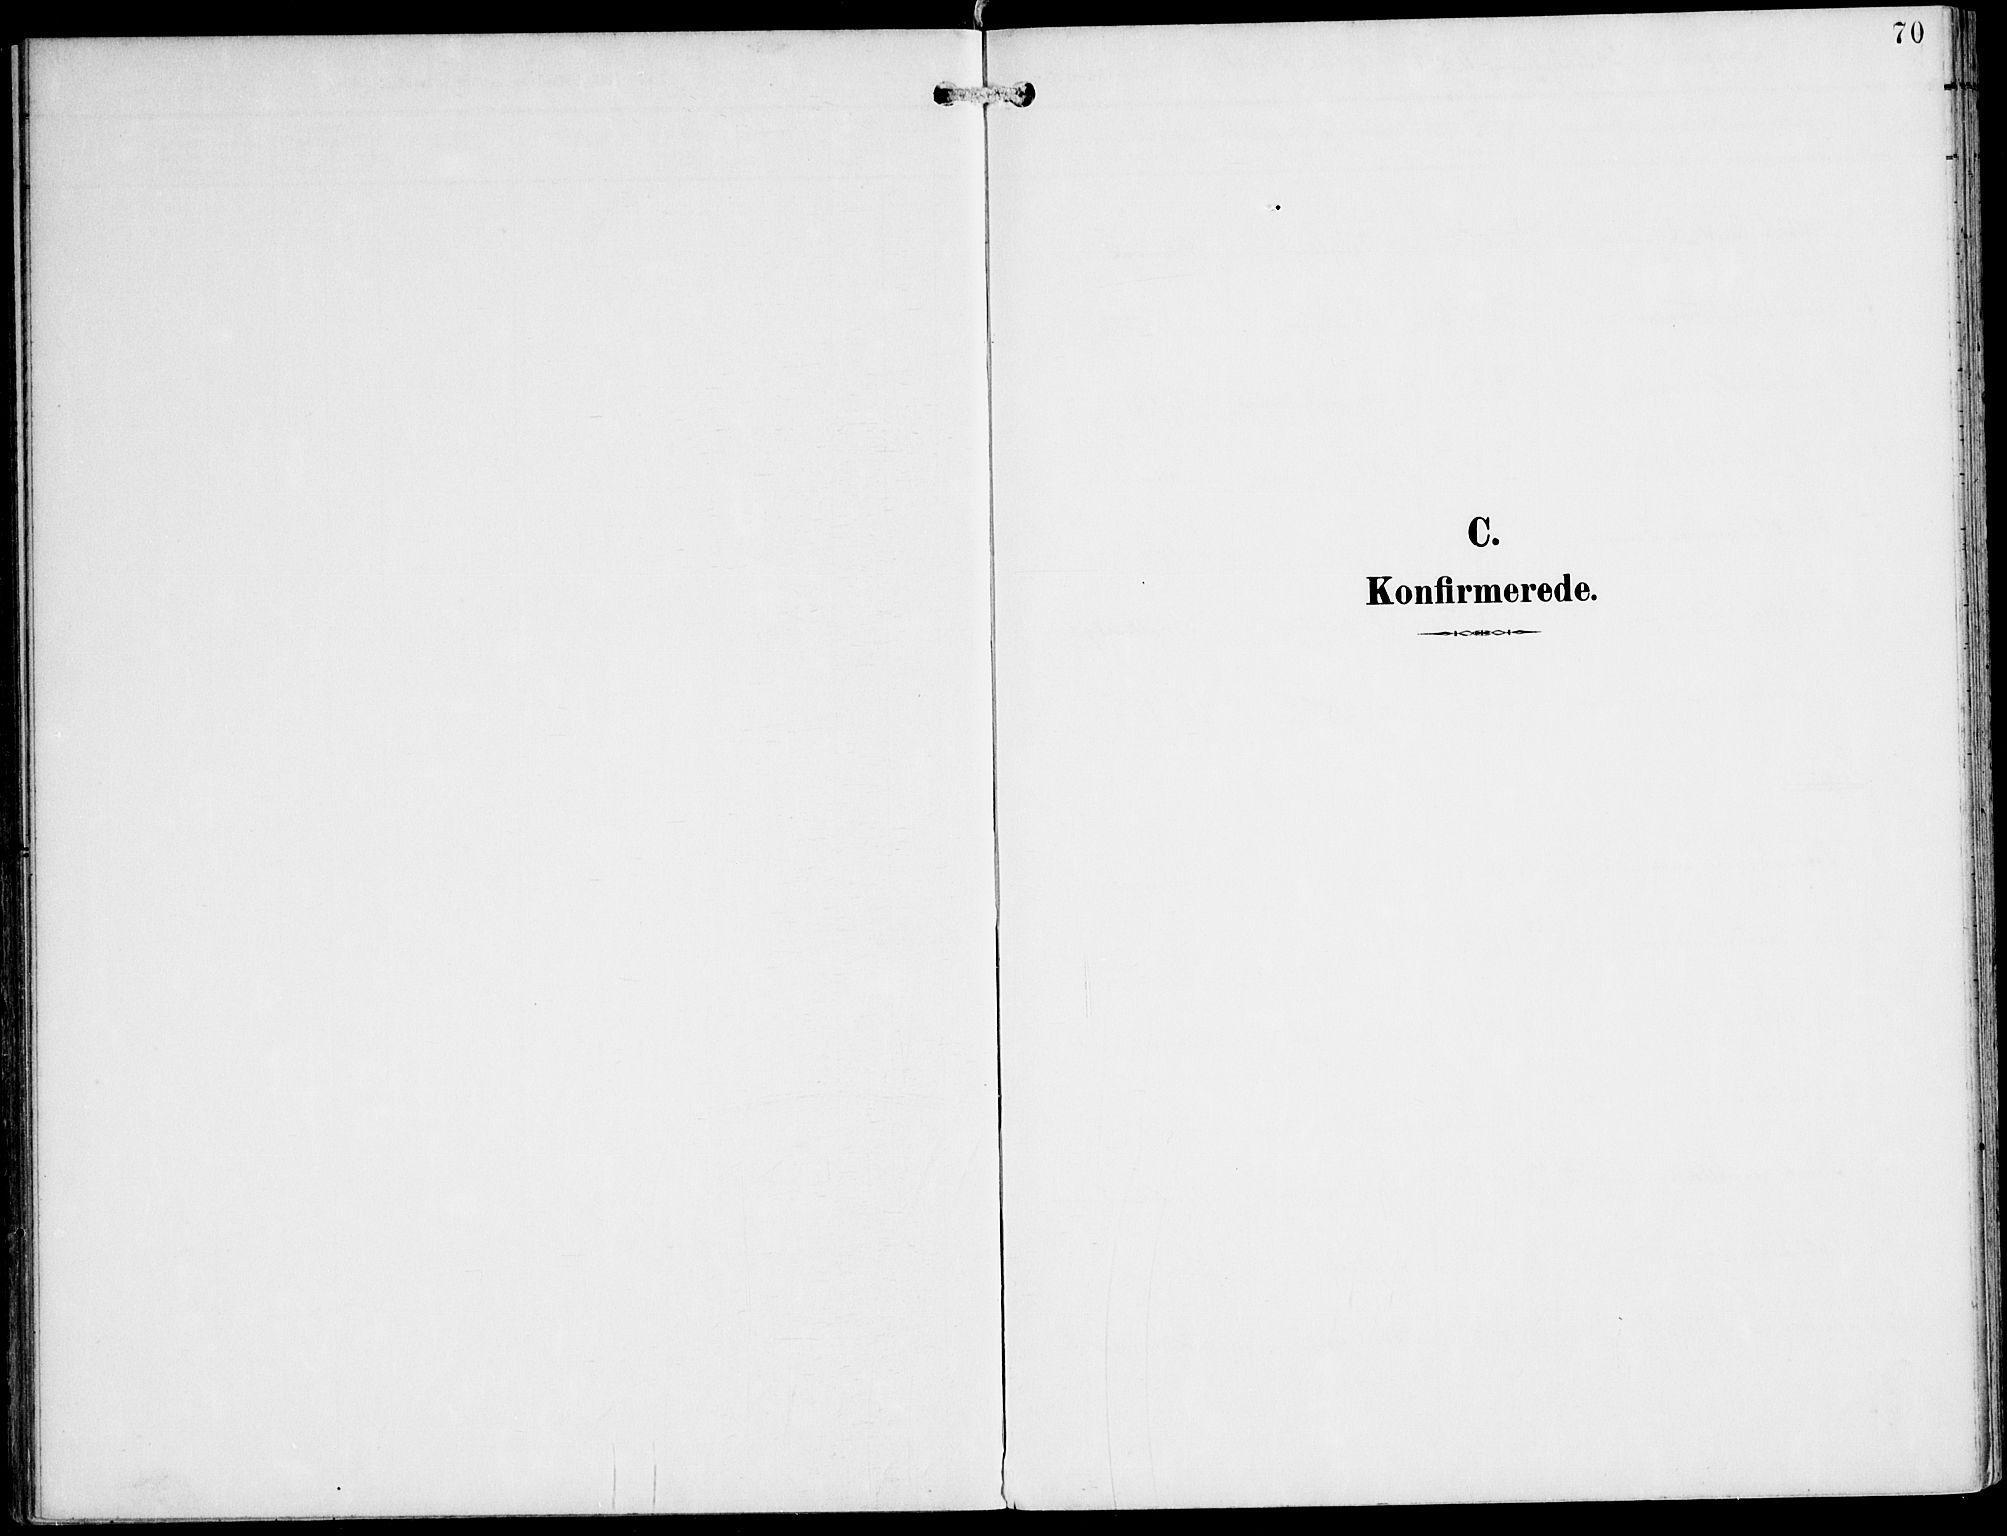 SAT, Ministerialprotokoller, klokkerbøker og fødselsregistre - Nord-Trøndelag, 745/L0430: Ministerialbok nr. 745A02, 1895-1913, s. 70